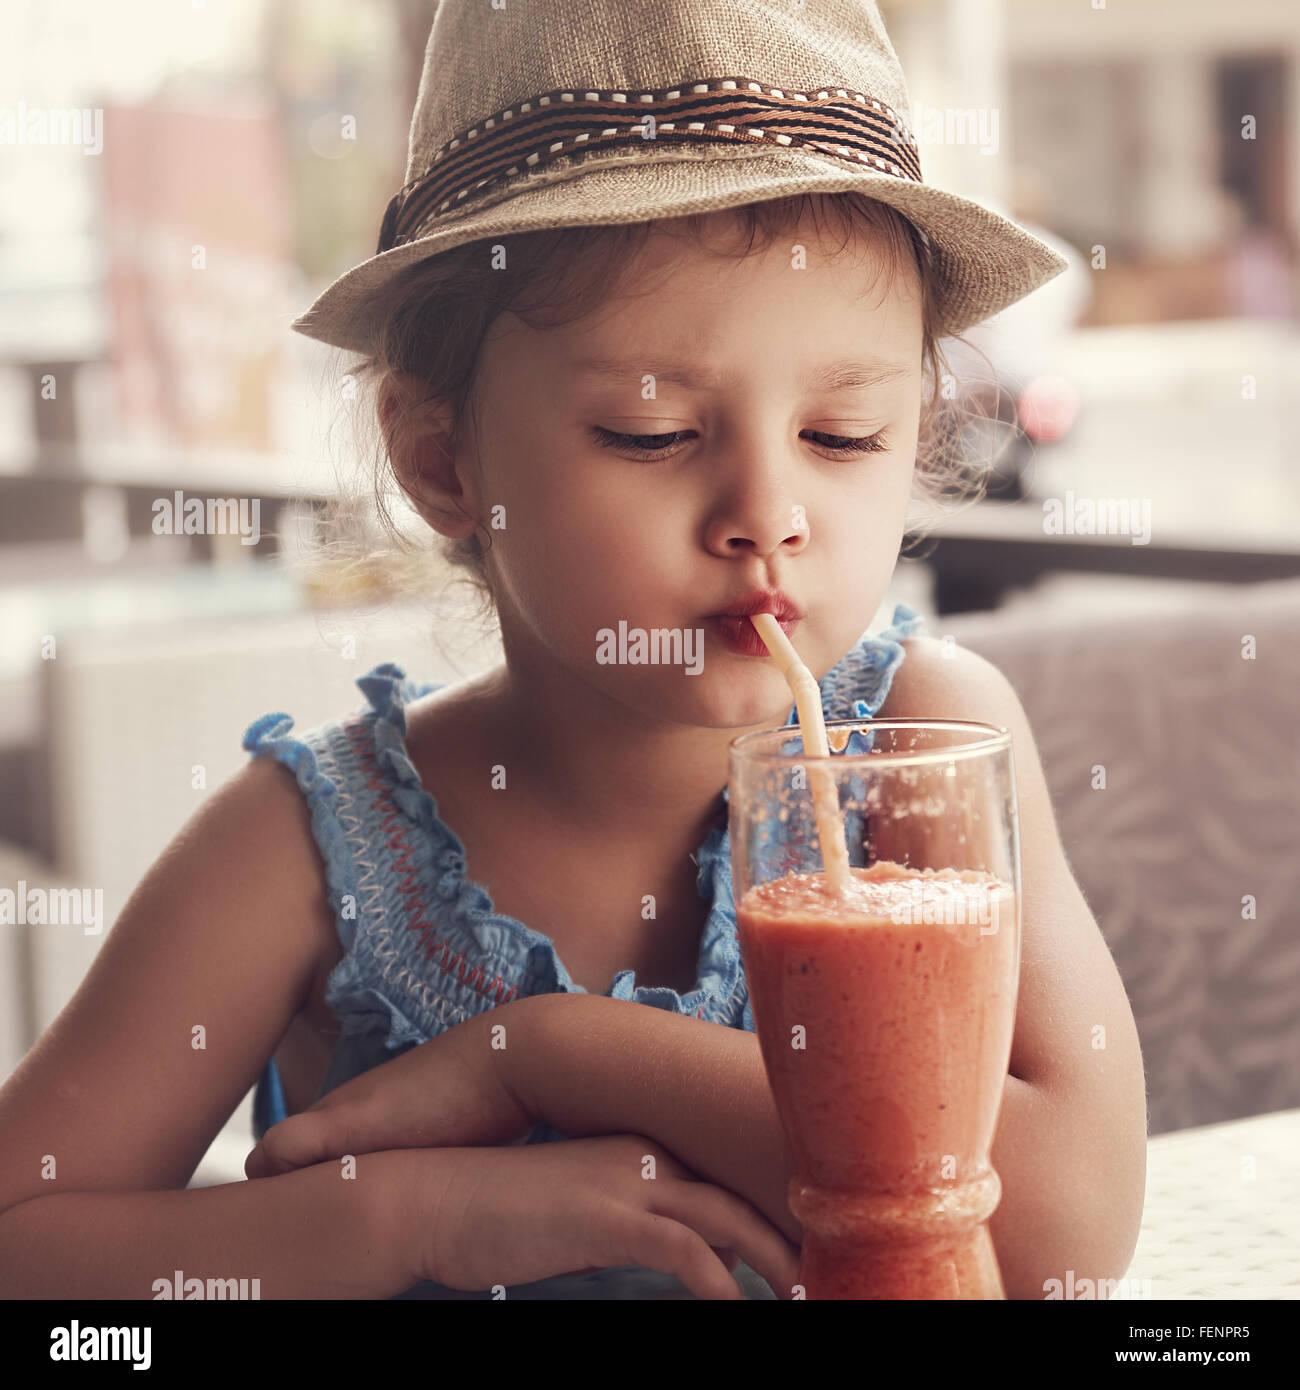 Fun kid girl in hat smoothie potable de verre de jus dans Street Café de la ville. Tonique closeup portrait Photo Stock